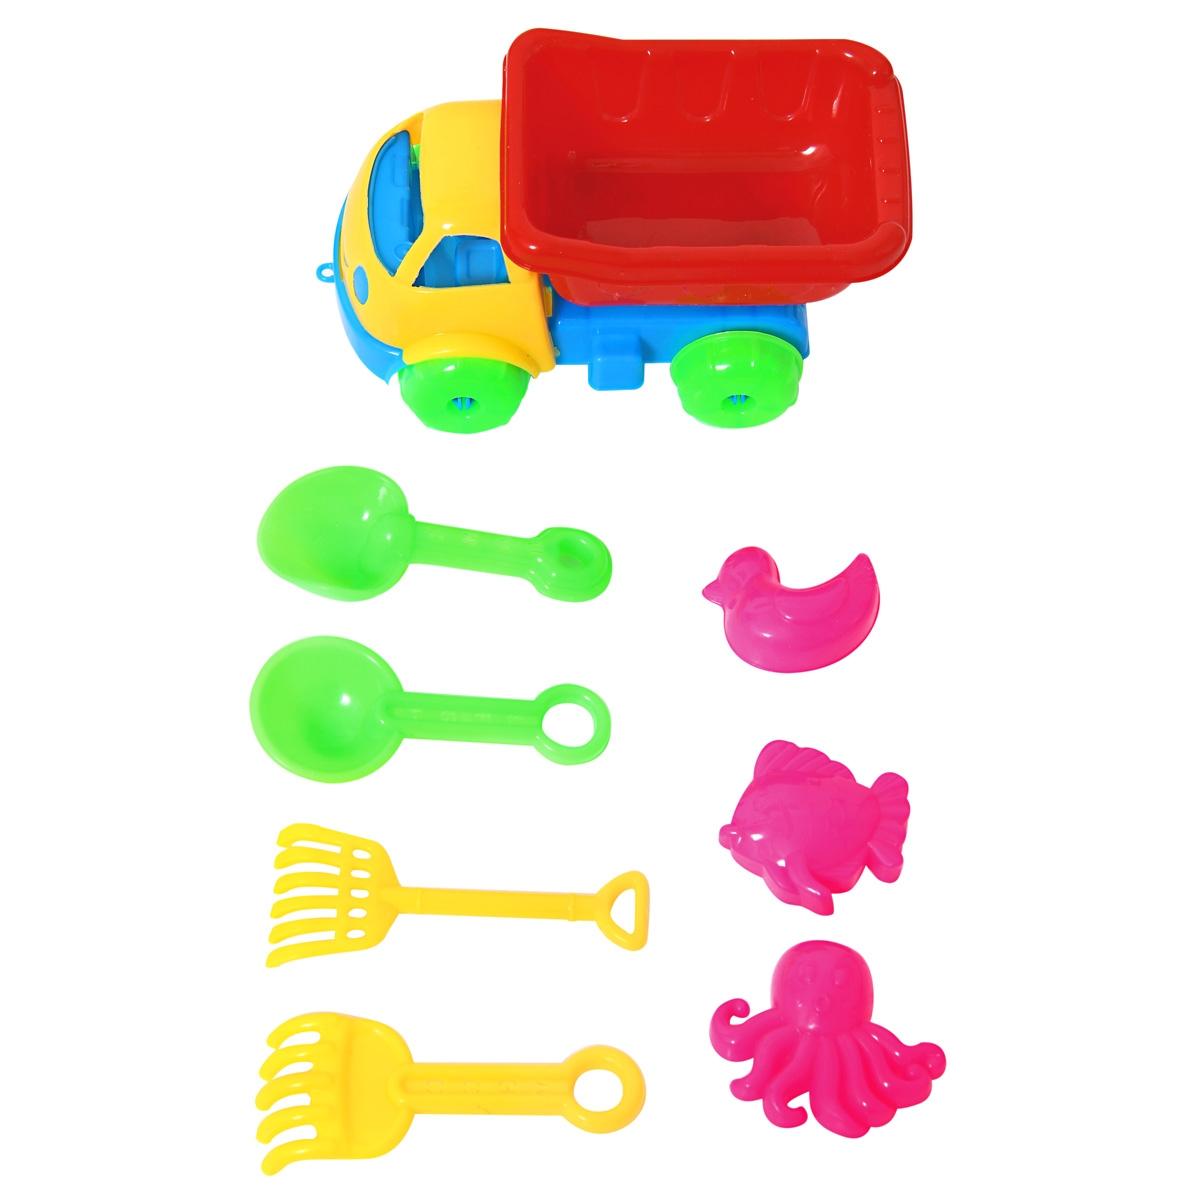 Купить Игрушки для песка, Самосвал, Veld Co, Китай, мултиколор